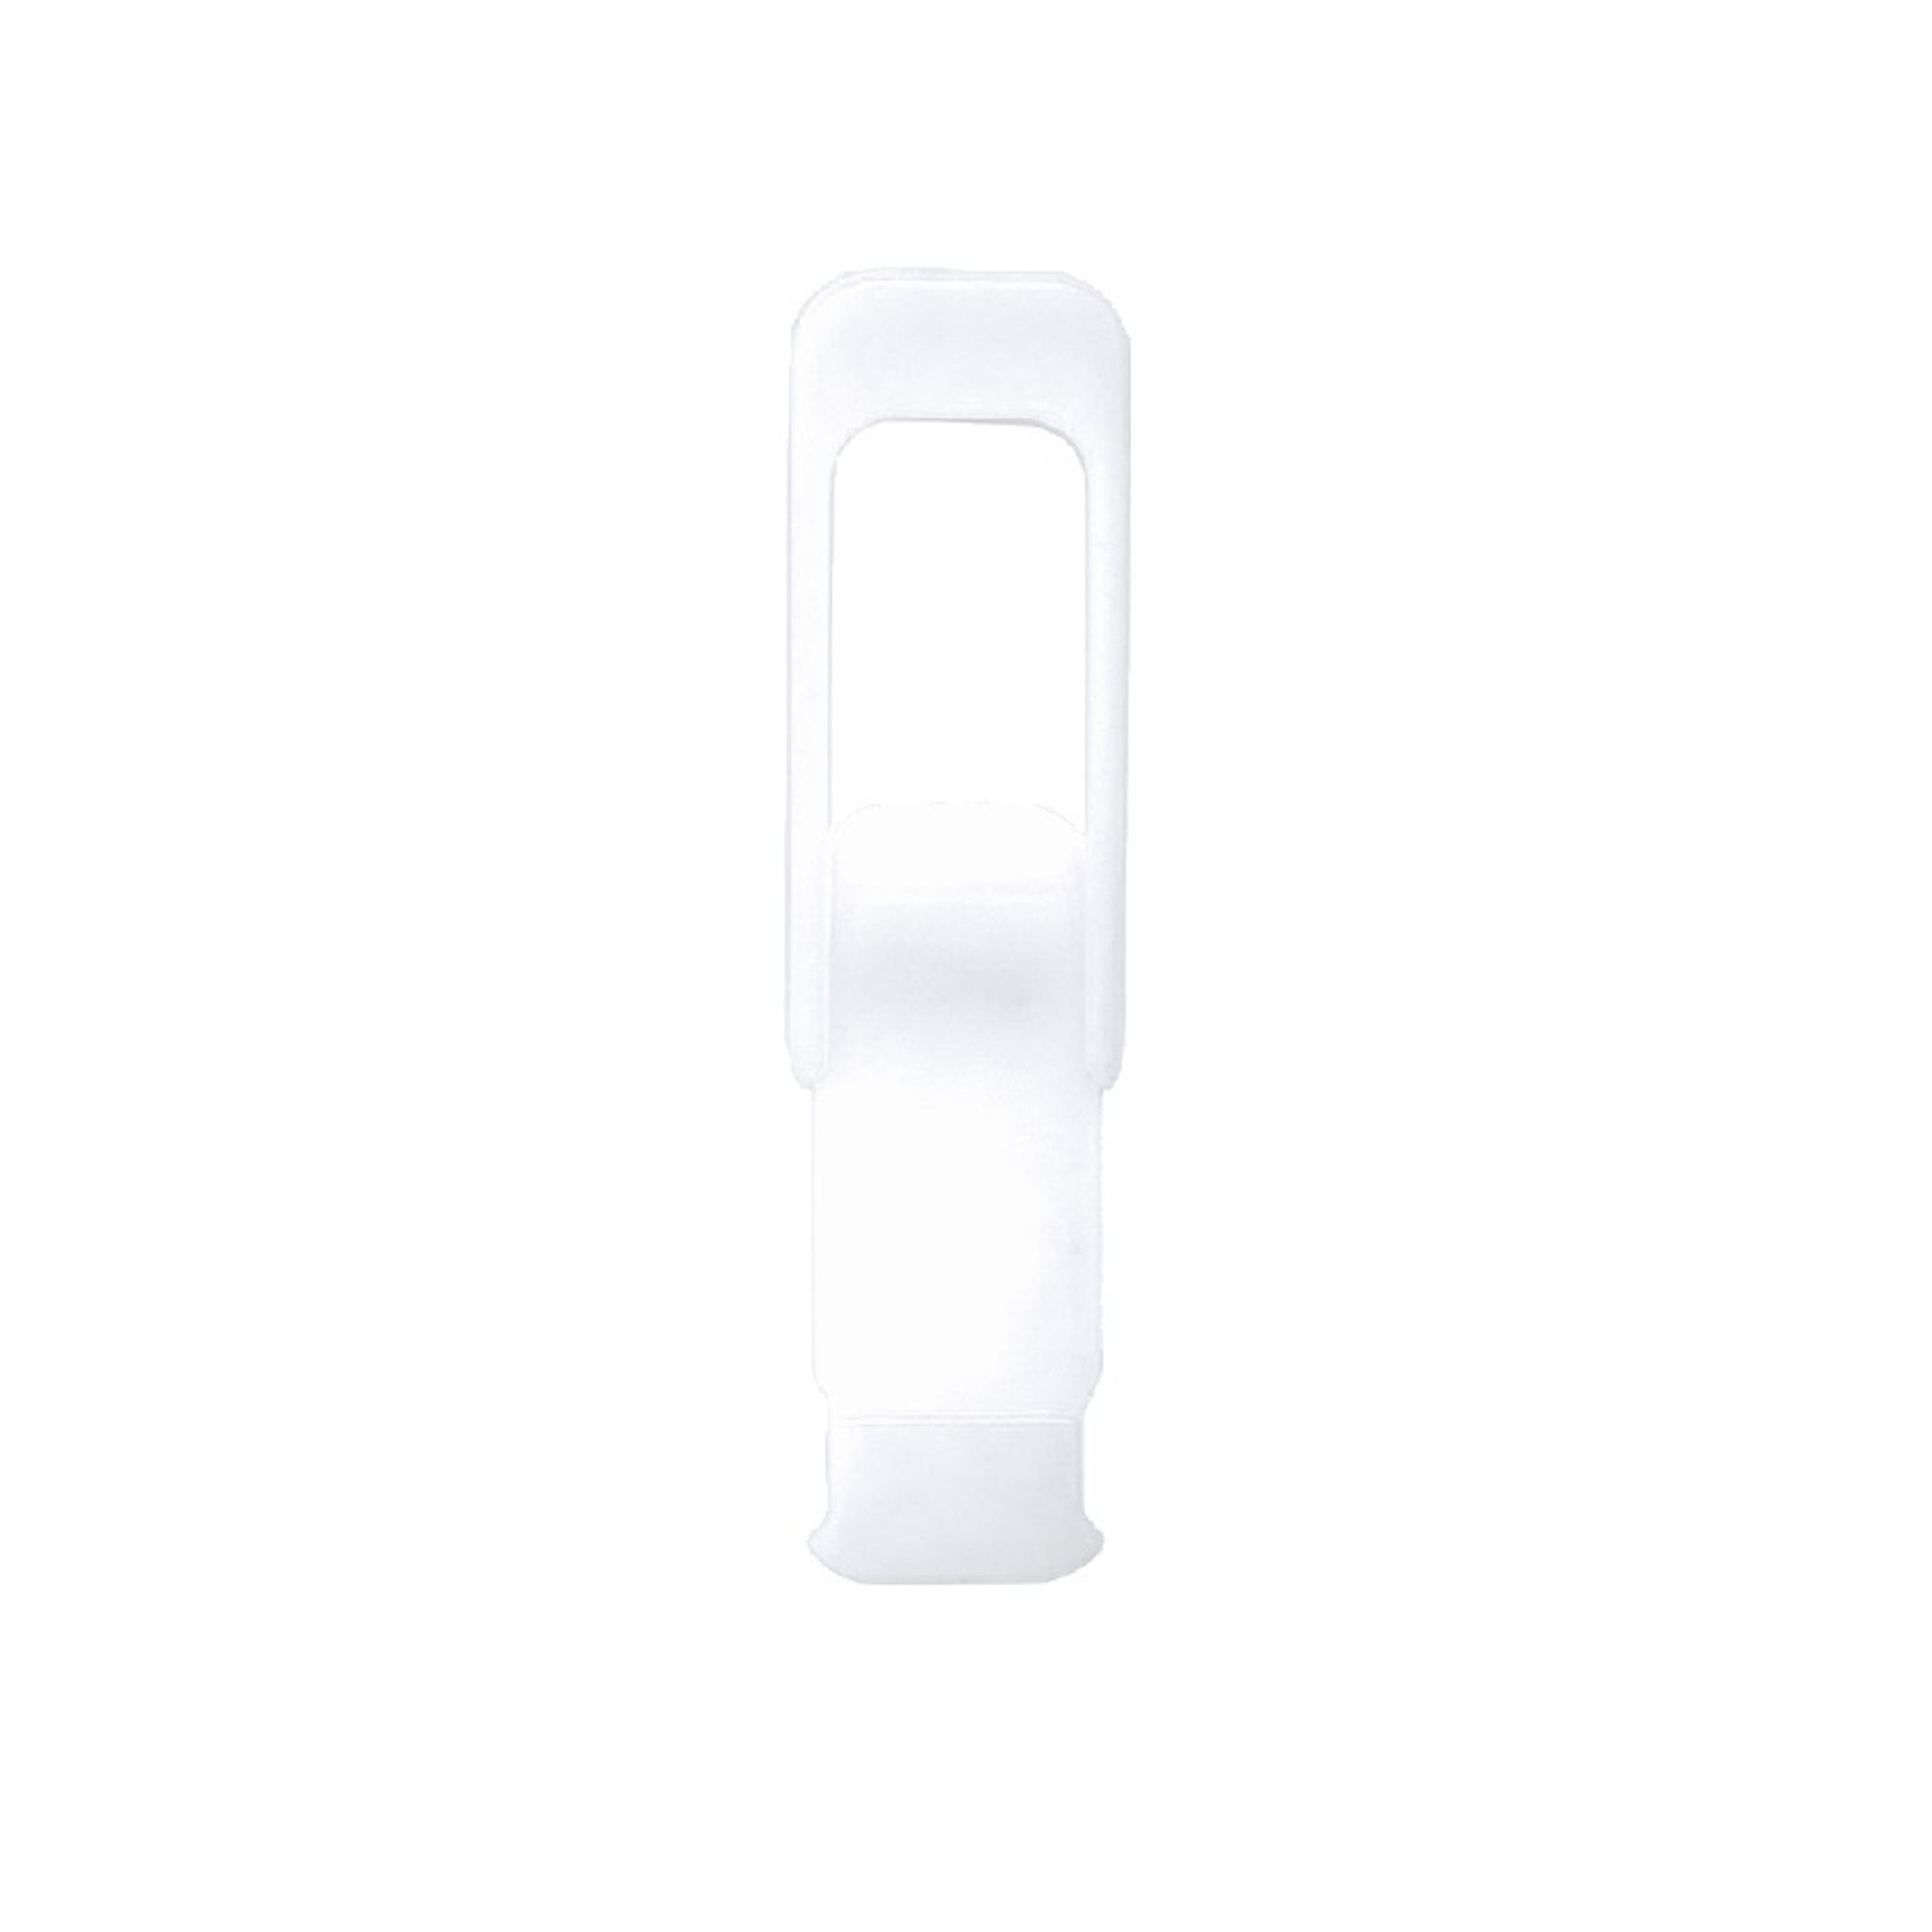 Tapa webcam Peroe Color blanco